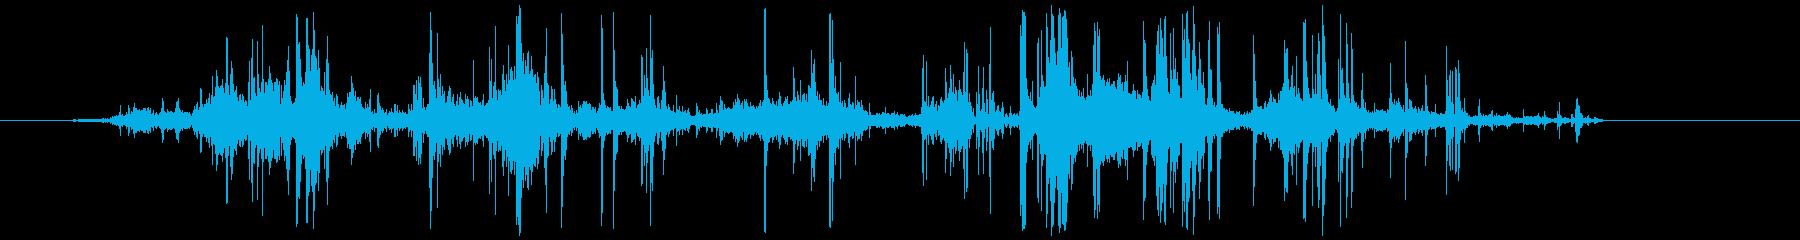 タマネギの皮をむく (カシャカシャ…)の再生済みの波形